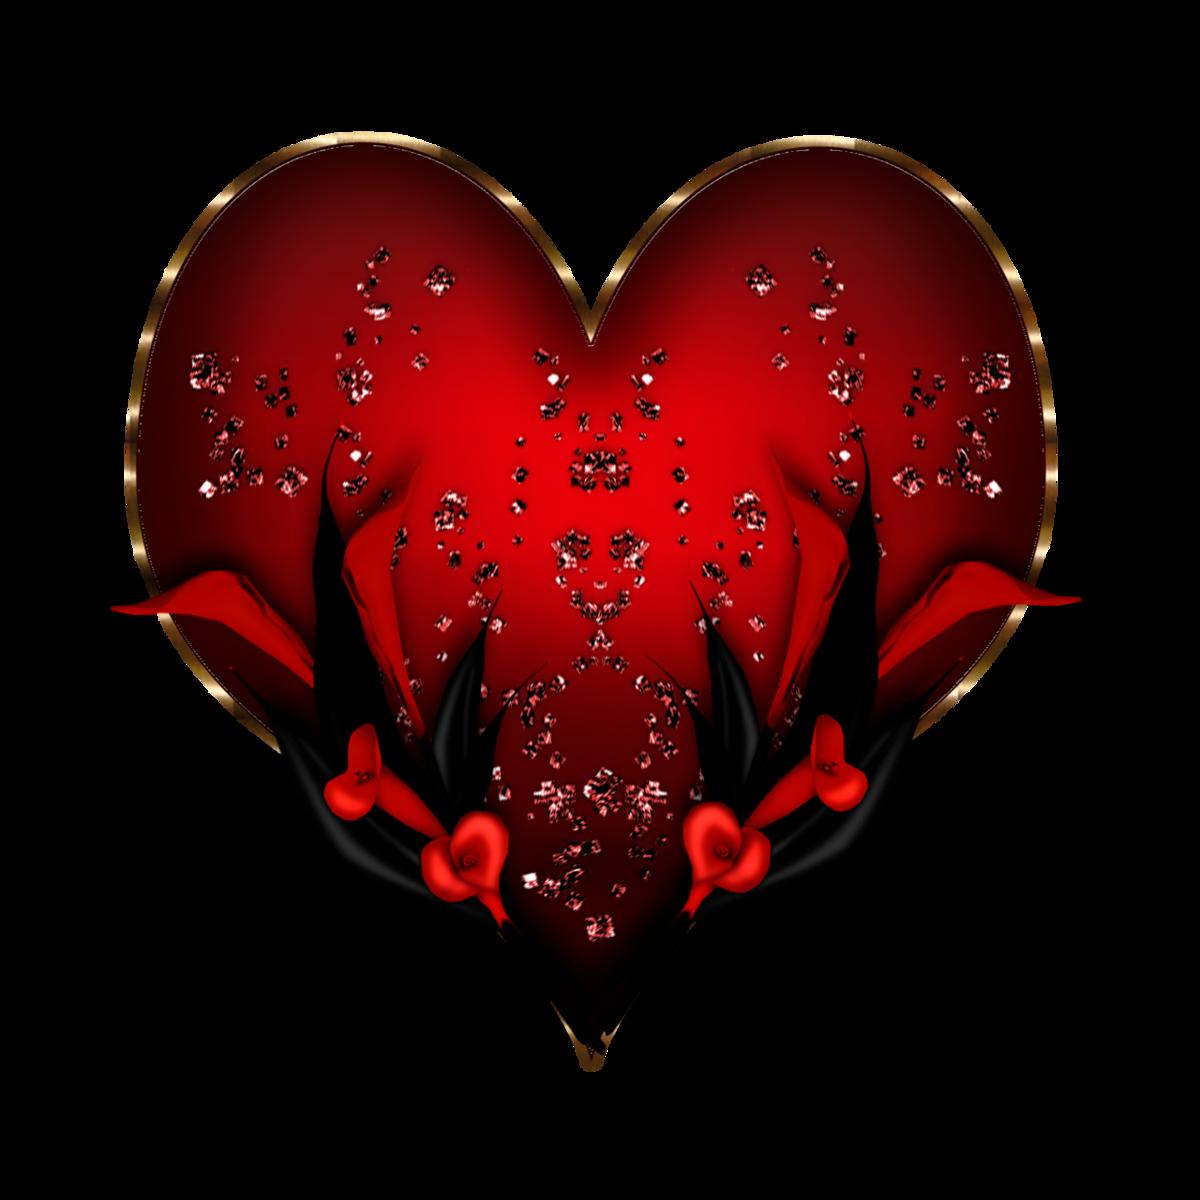 картинки с сердцами гиф ткани своими руками